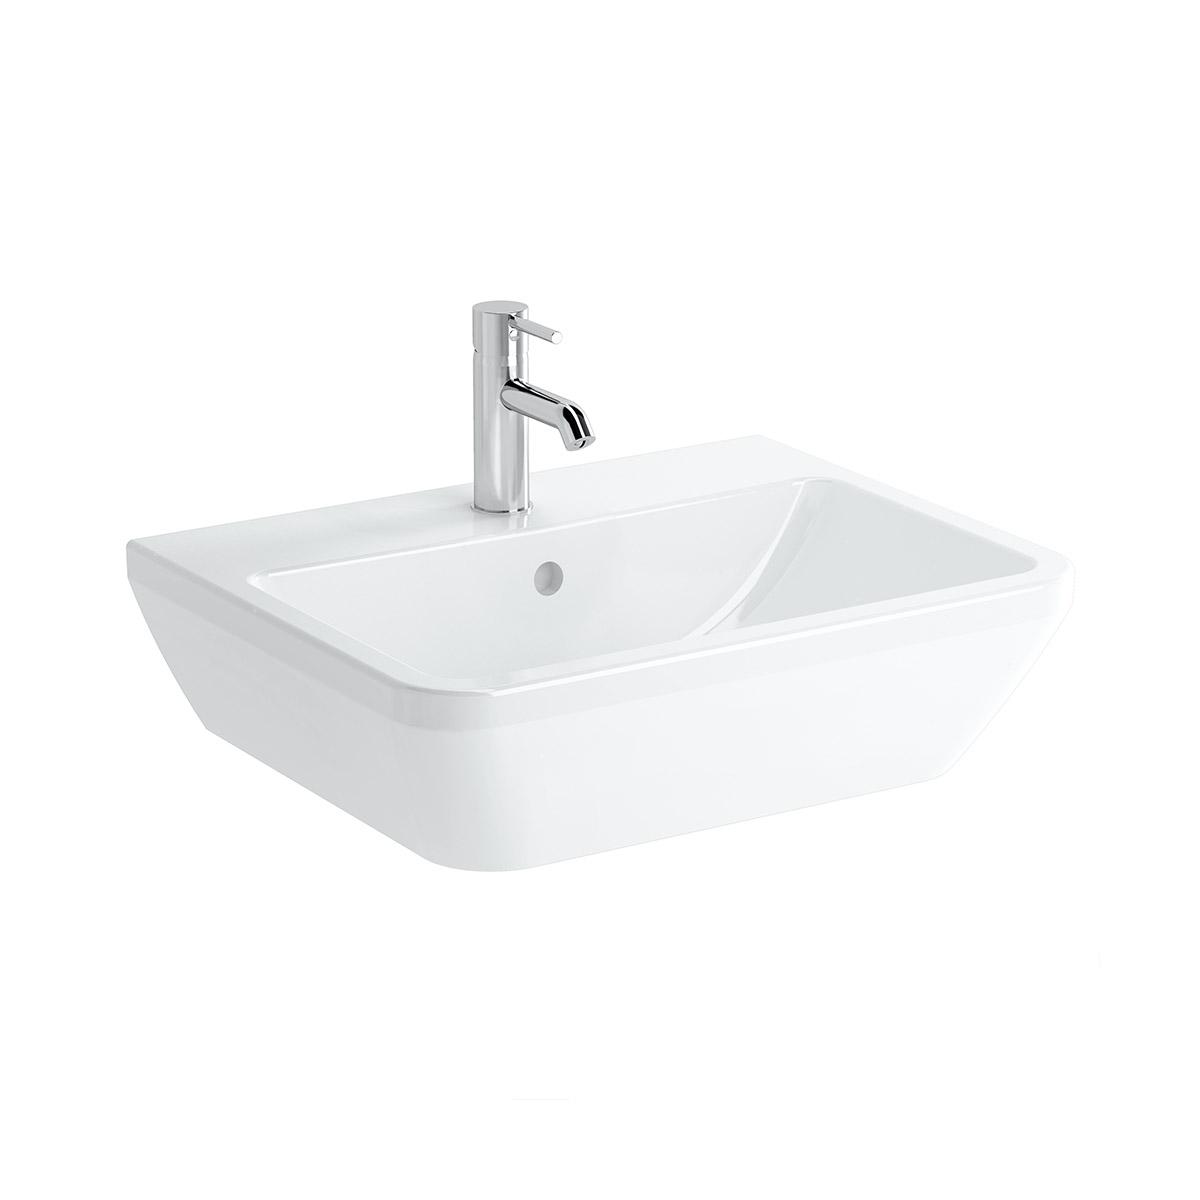 Integra Waschtisch, 60 cm, eckig, ohne Hahnloch, ohne Überlaufloch, Weiß, VitrA Clean